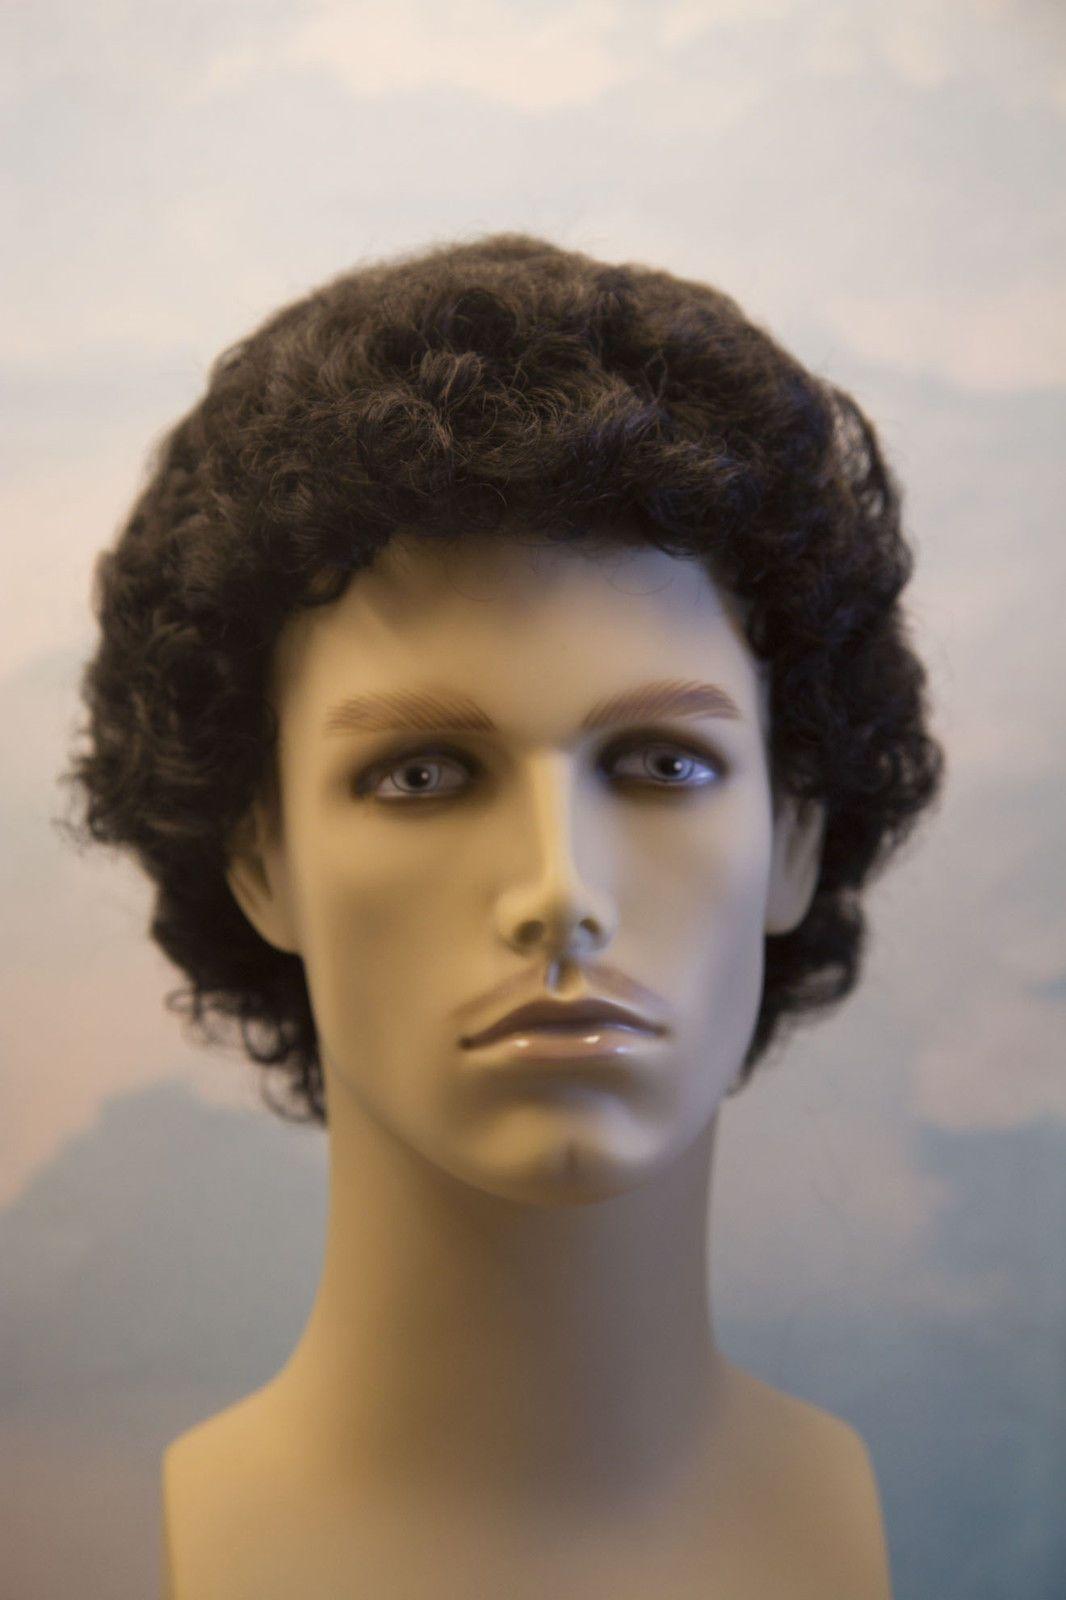 Black Curly Men Wig Men's wigs, Wigs,